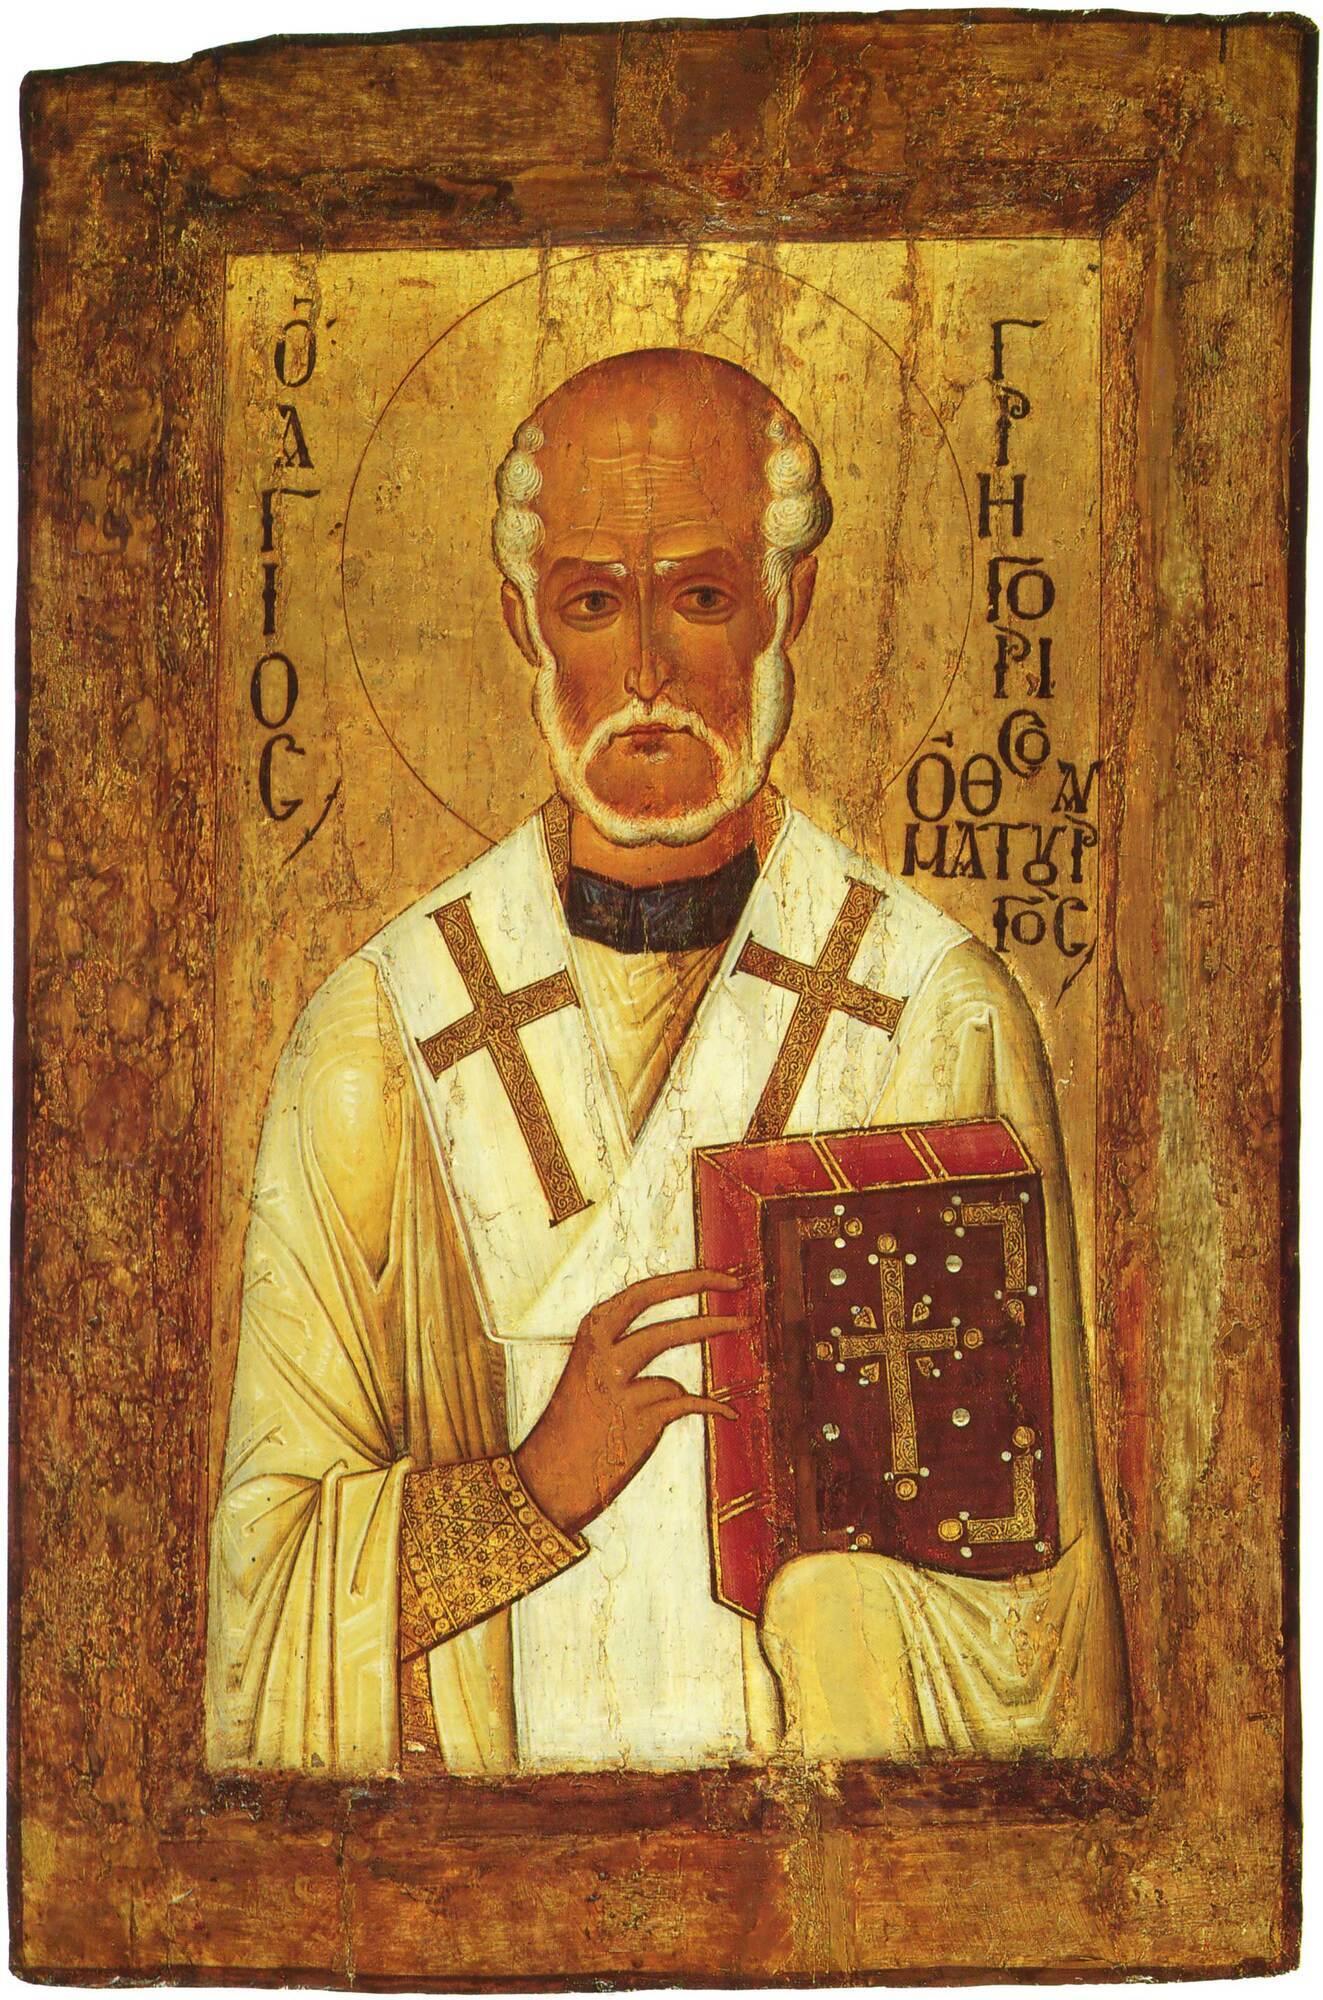 Григорій Чудотворець жив у третьому столітті в Малій Азії